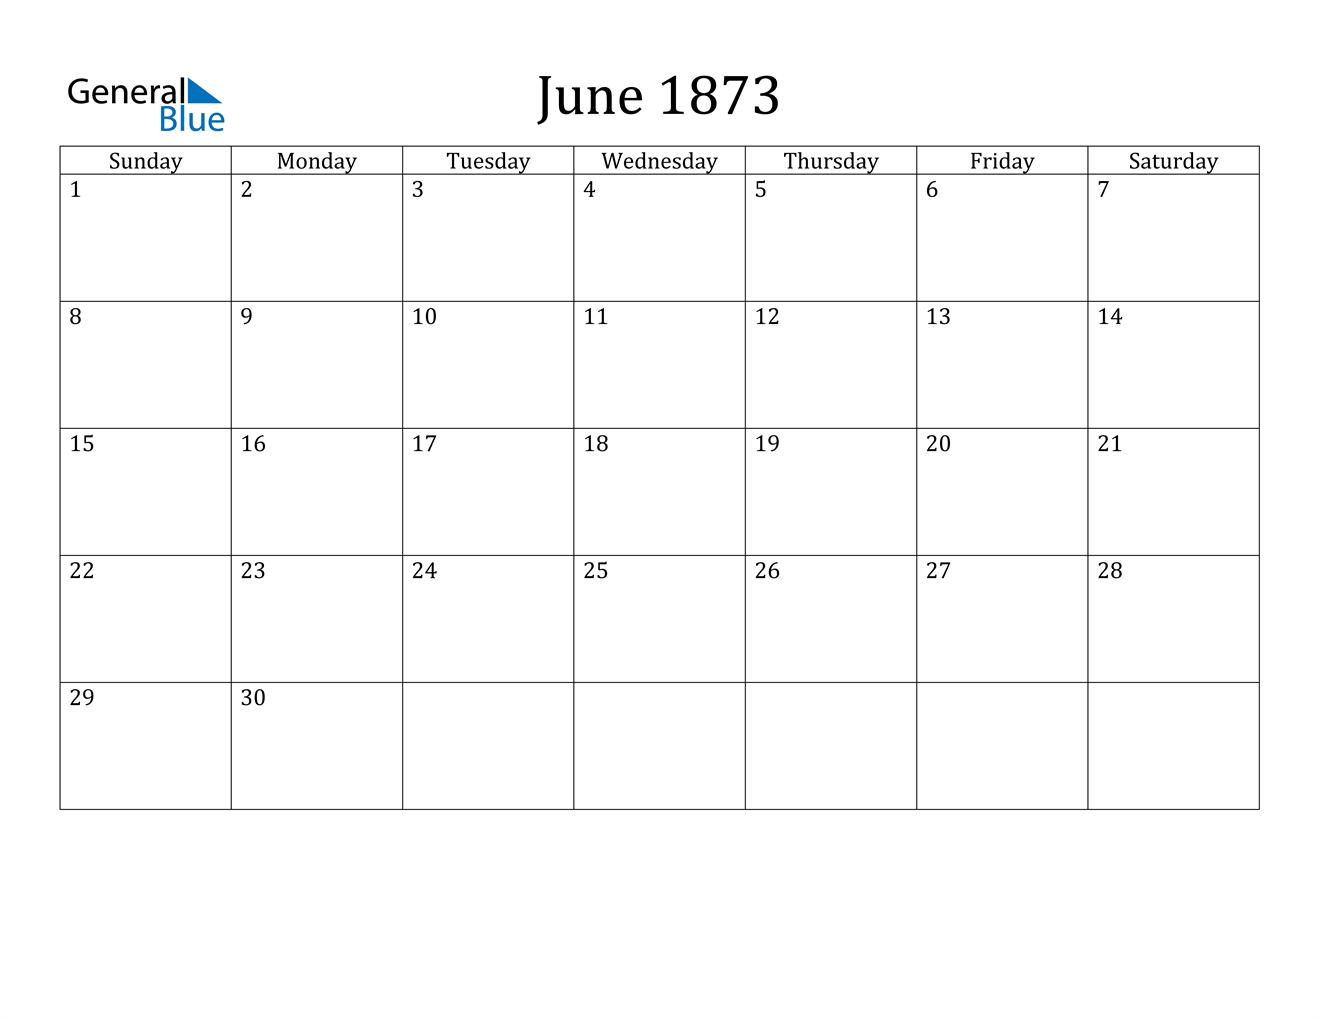 Image of June 1873 Calendar